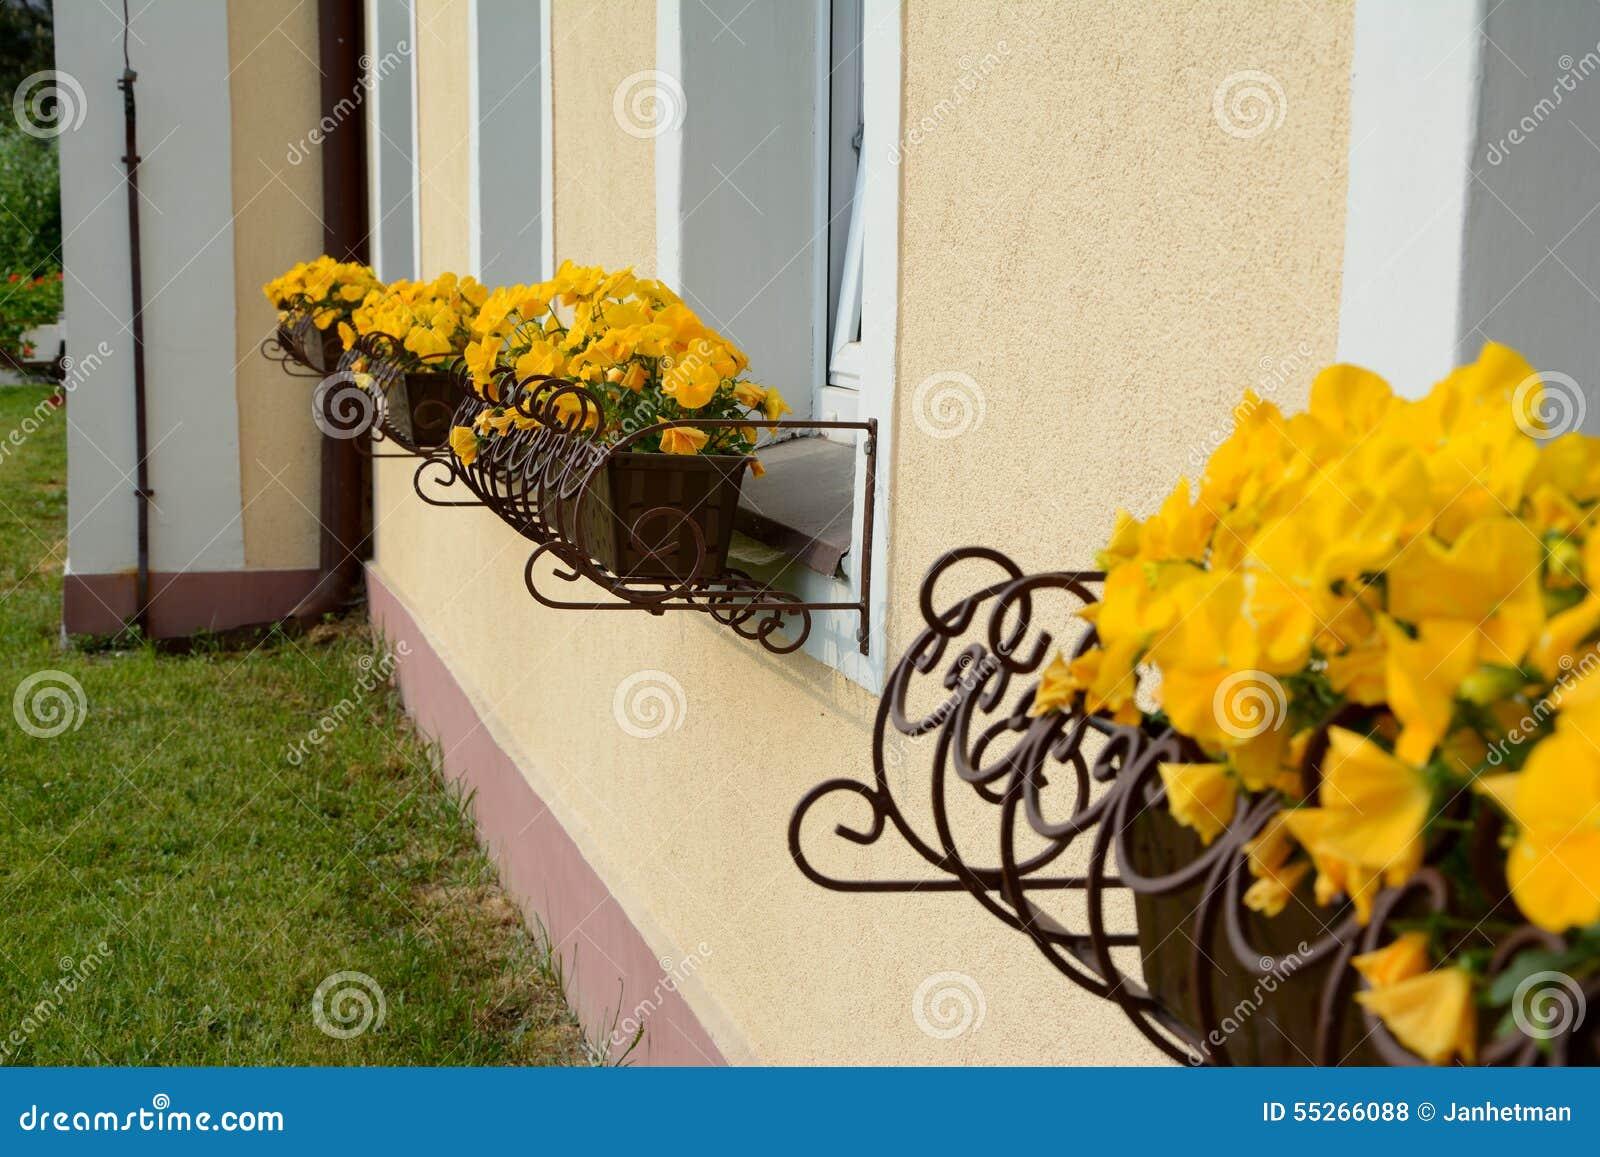 Kolorów żółtych kwiaty w roślina garnkach przy okno